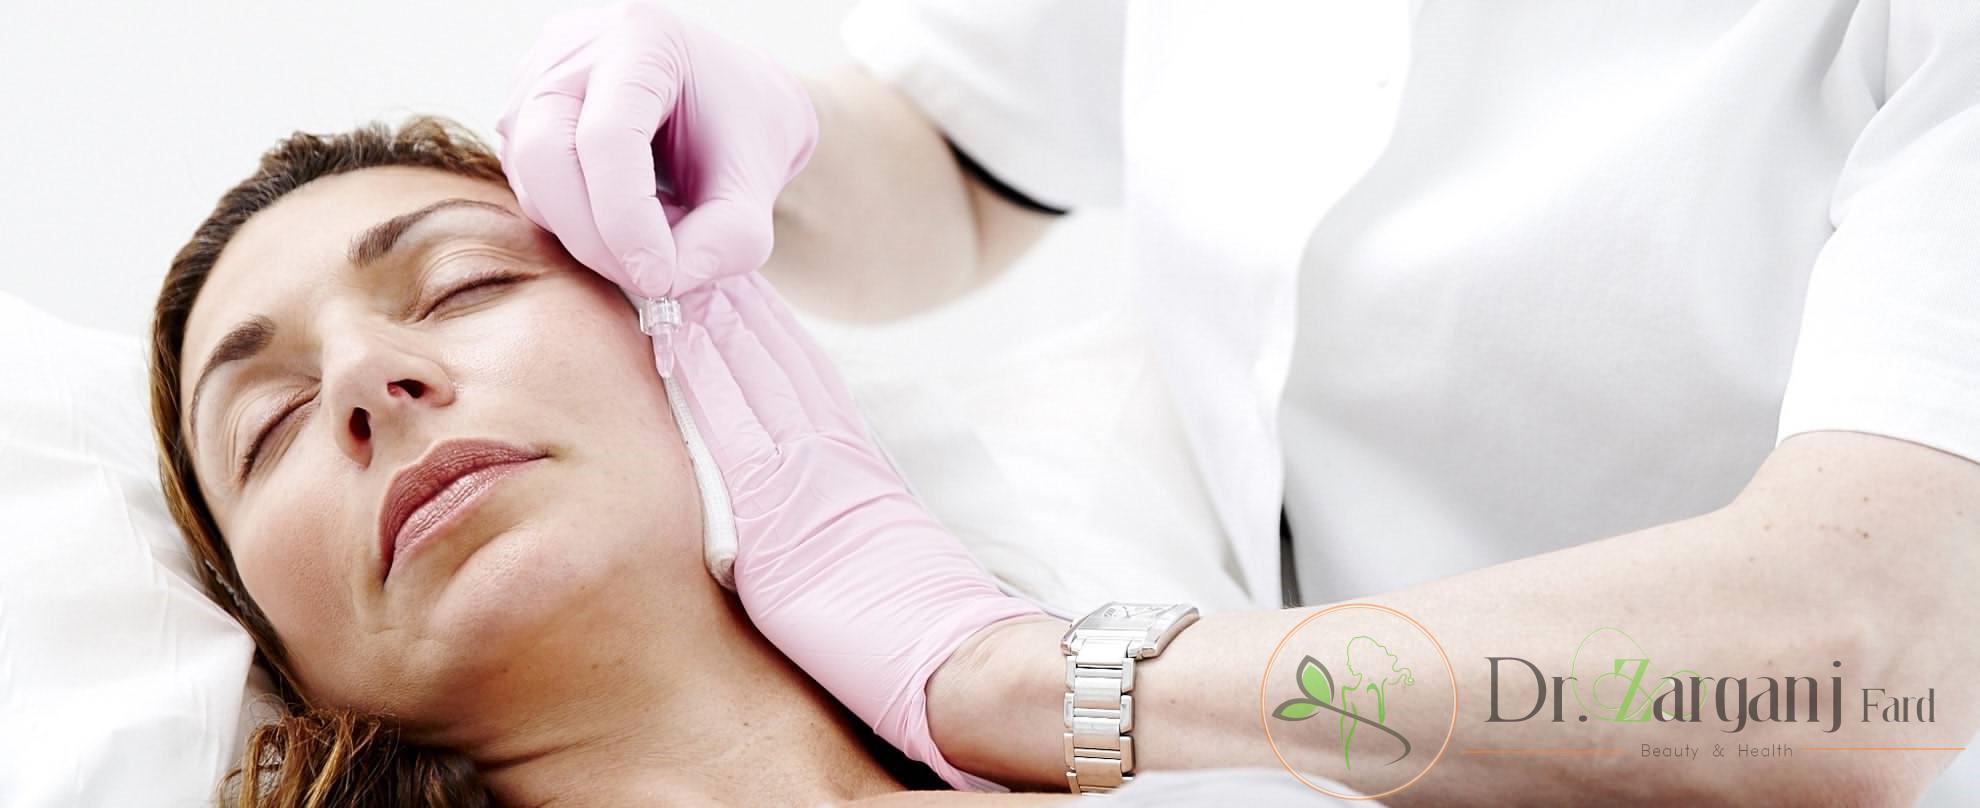 کاربردهای روش درمانی- زیبایی کربوکسیتراپی چیست؟